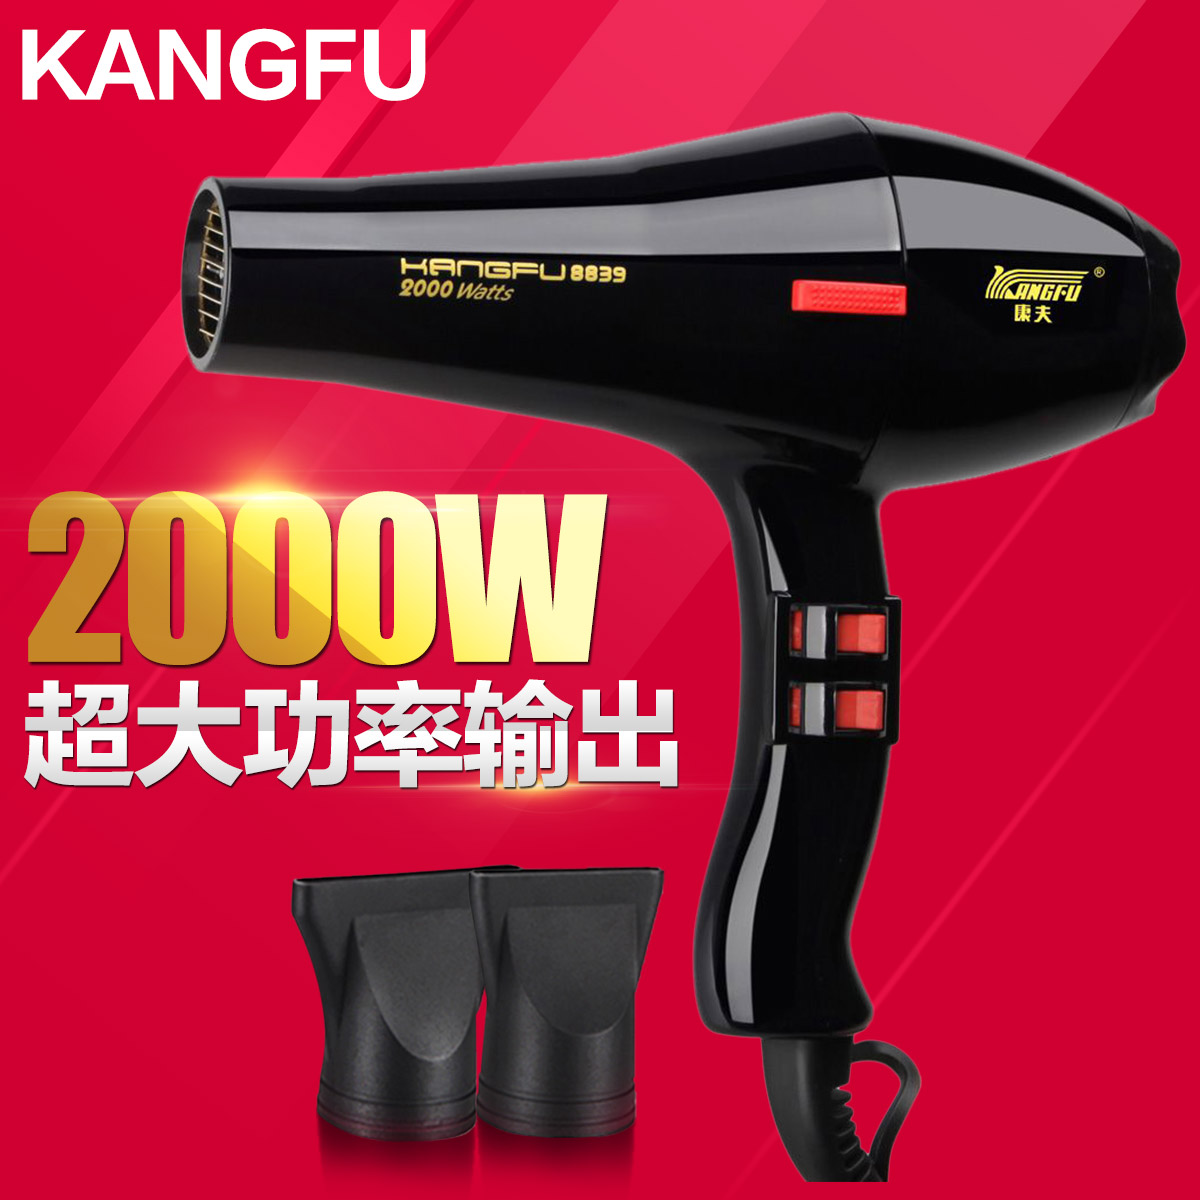 康夫8839康夫吹風機家用理髮店電吹風機專業2000W大功率風筒熱風